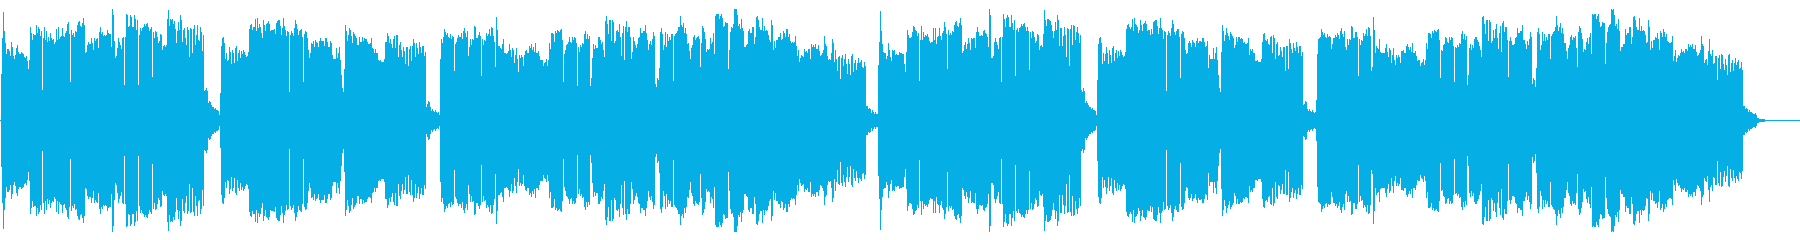 尺八とピアノによる雅楽『越天楽今様』の再生済みの波形